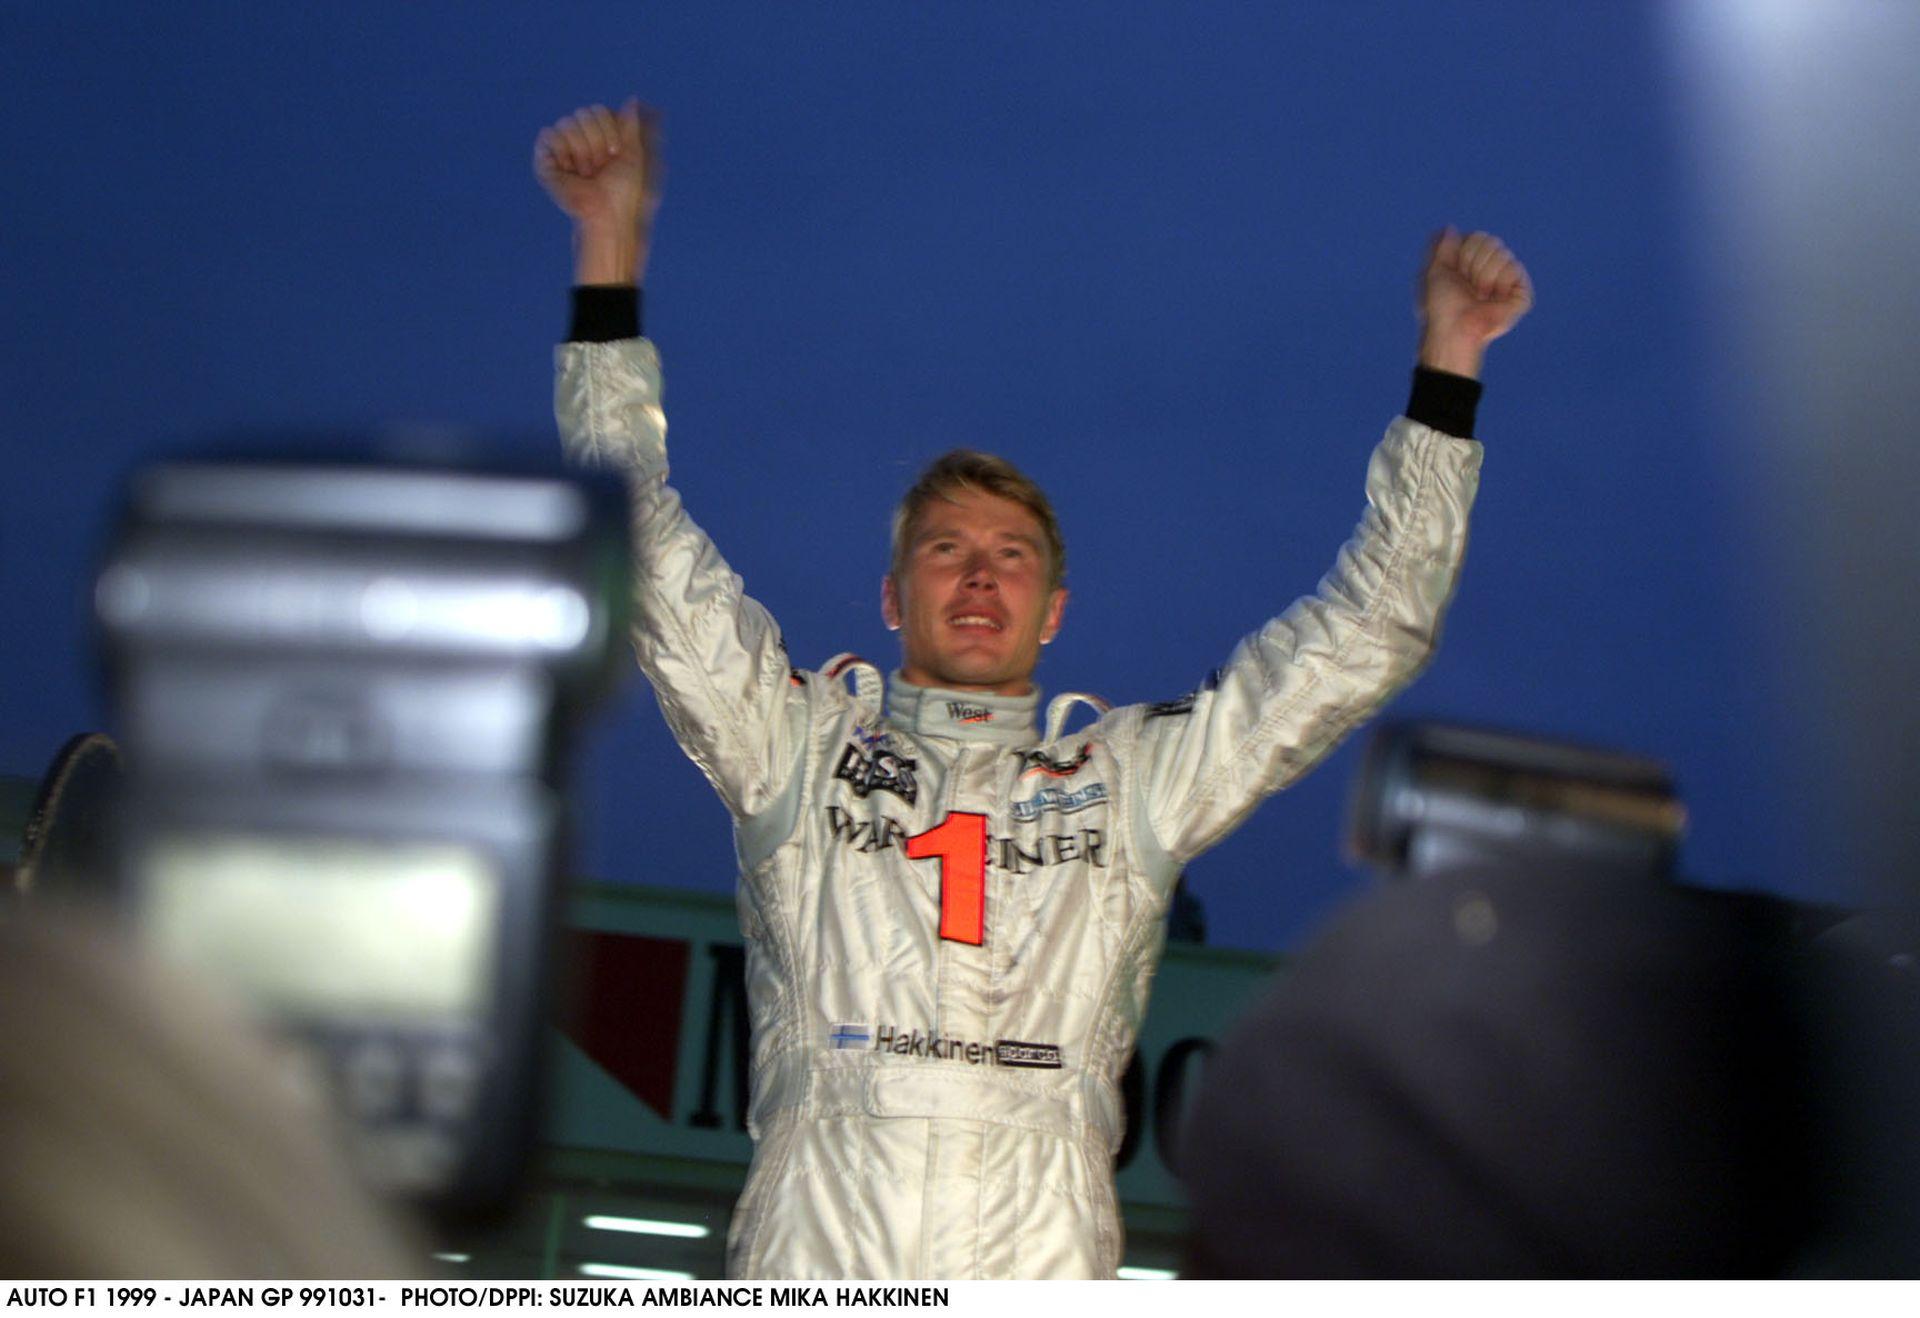 Mika Hakkinen 1999-ben ezen a napon lett kétszeres világbajnok a Forma-1-ben a McLarennel